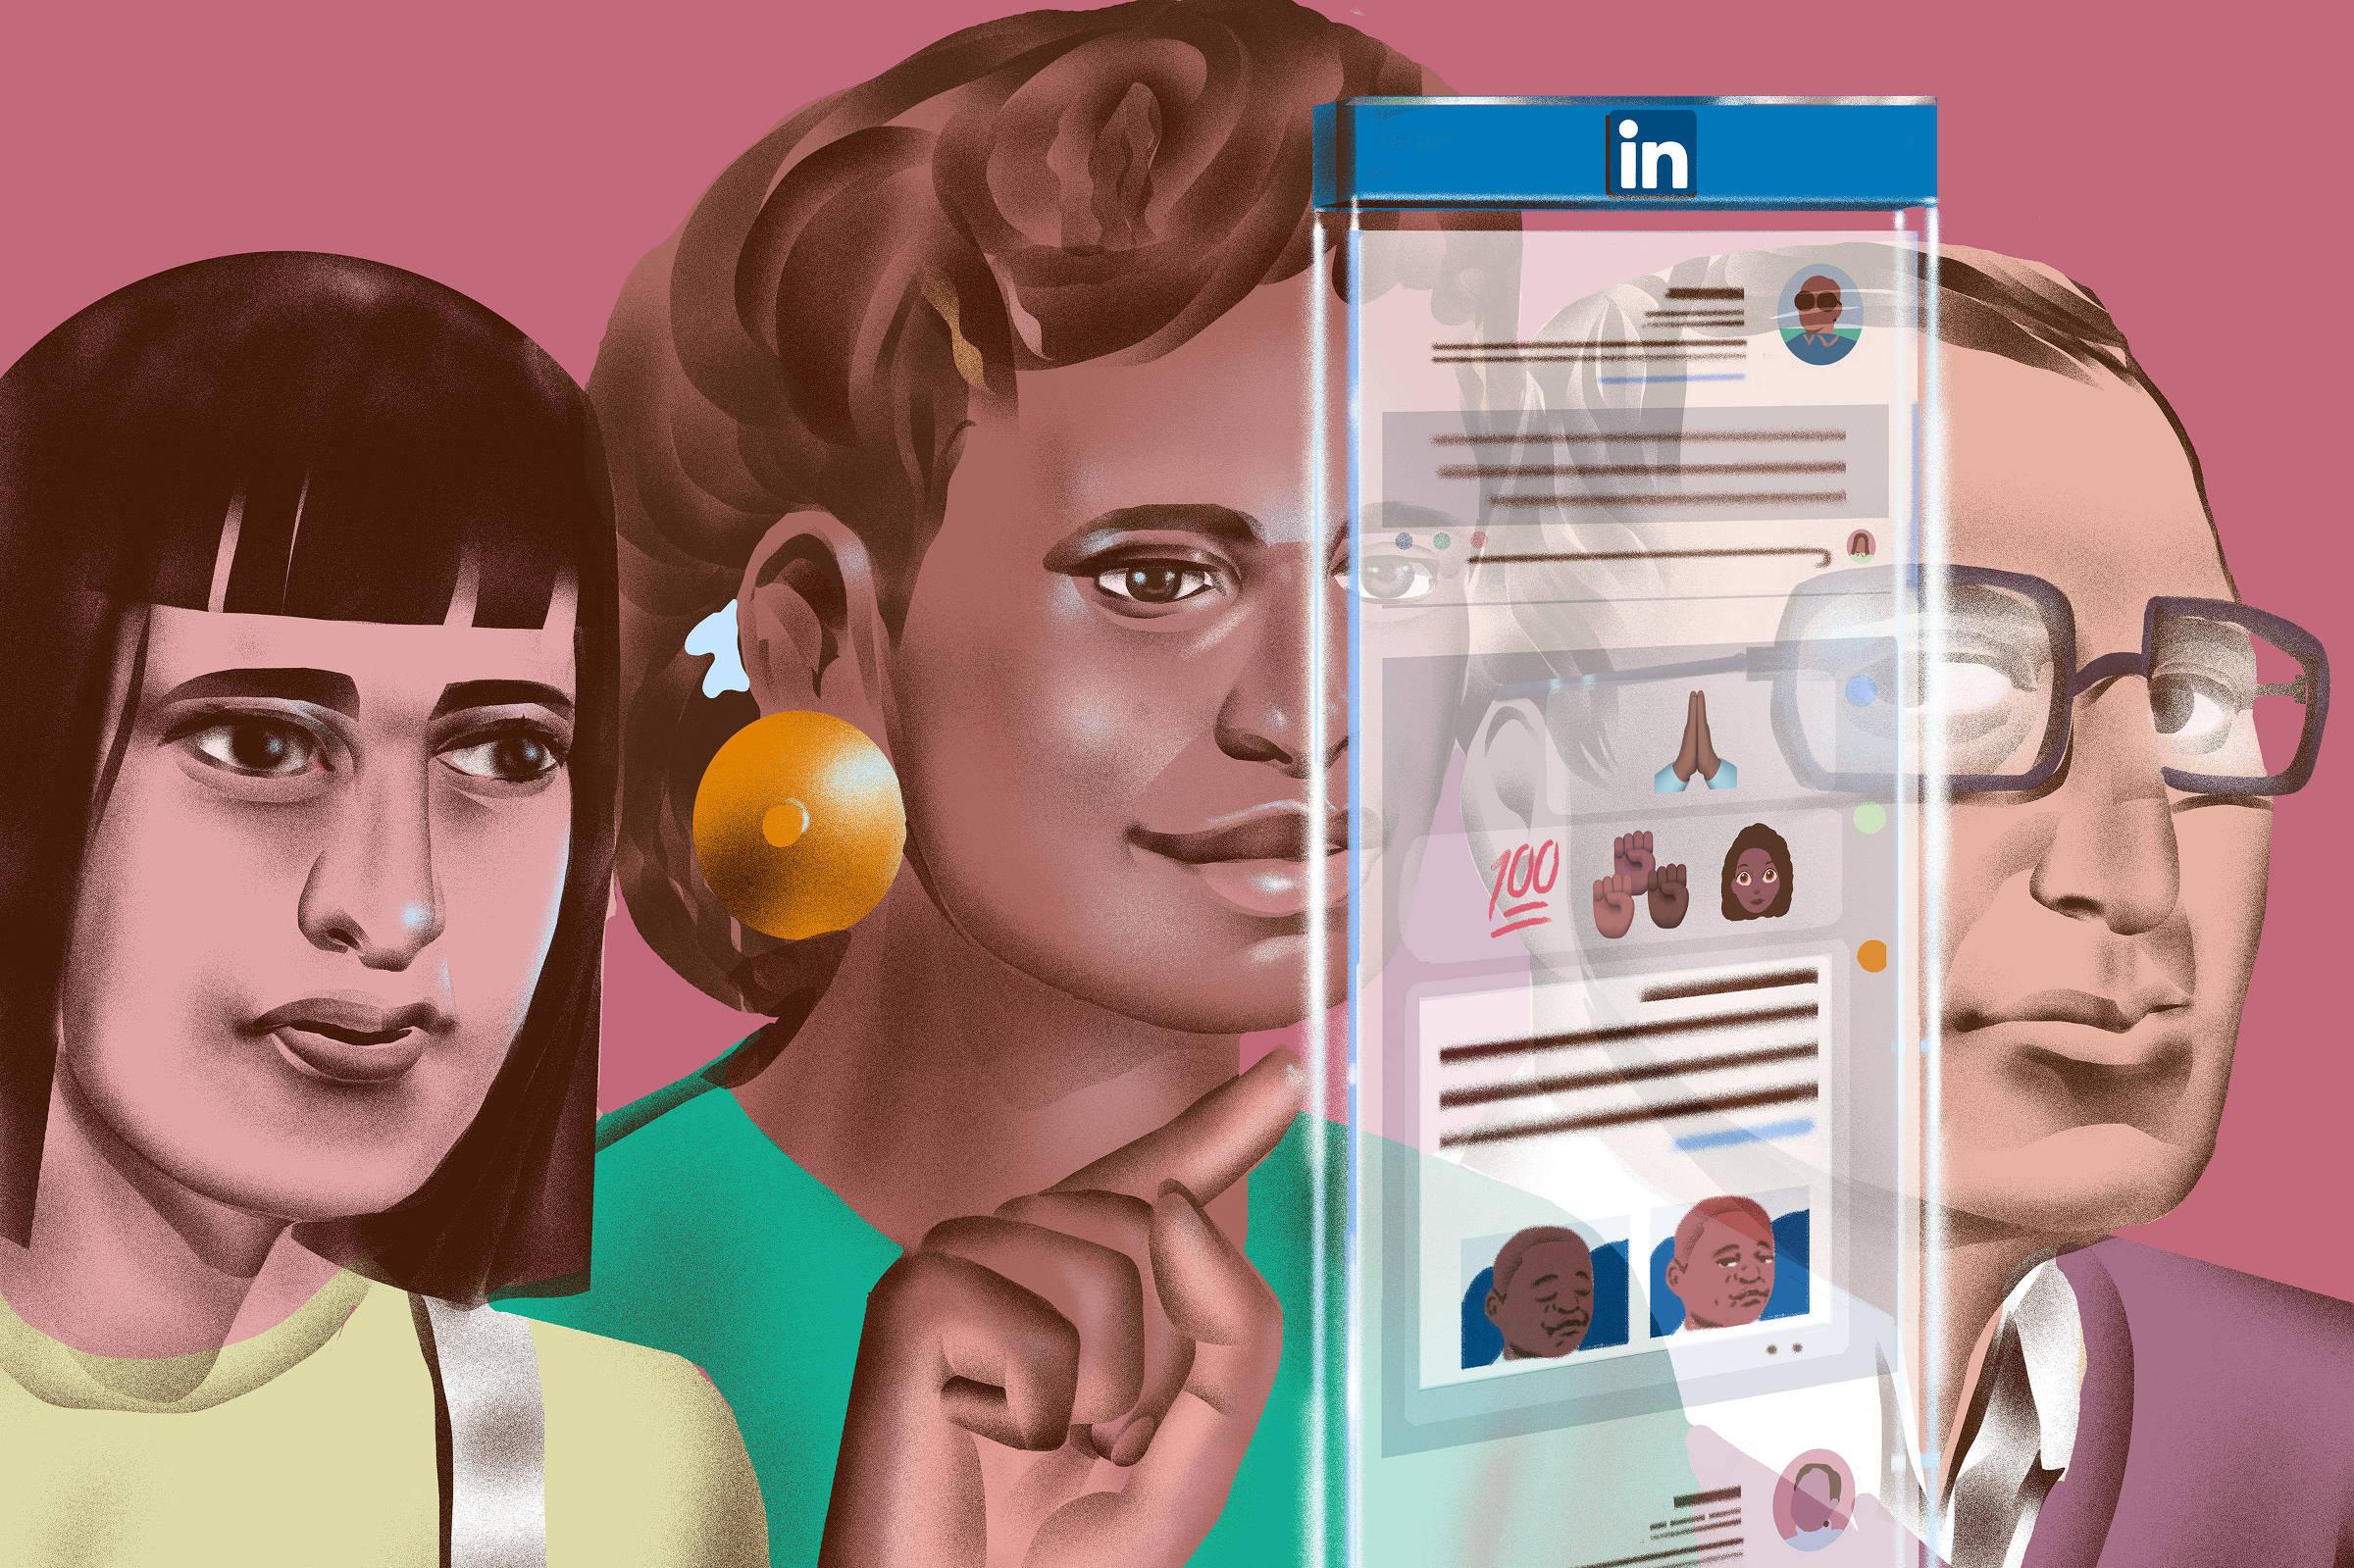 O tom da rede social há muito reflete a América corporativa: sóbrio, monolítico, branco. Agora, os usuários negros estão se manifestando —e dizendo que o site está limitando sua voz - Richard A. Chance/The New York Times